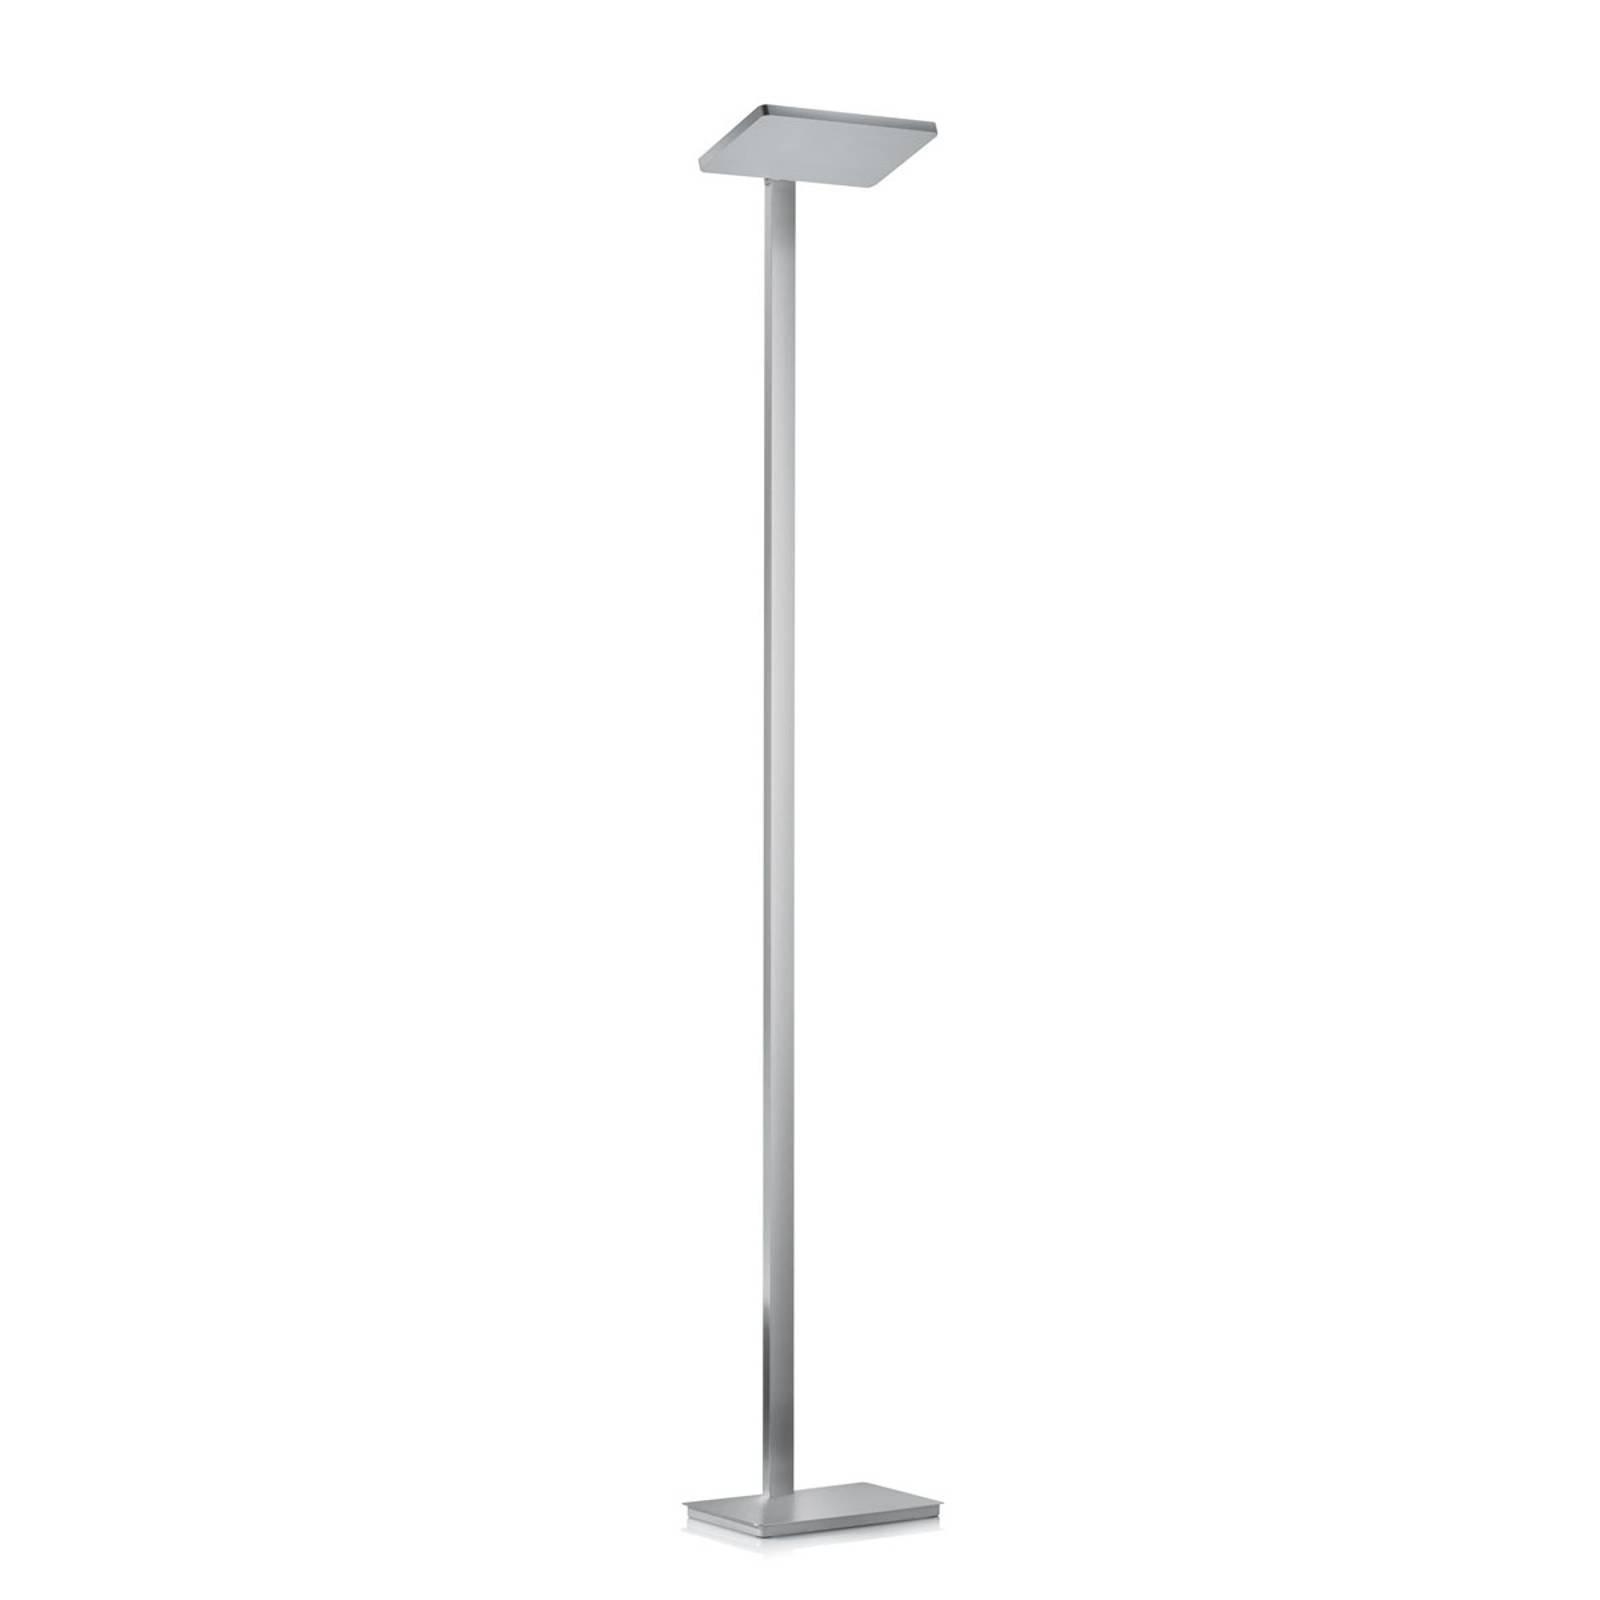 Moderne LED-gulvlampe Geri i matt nikkel